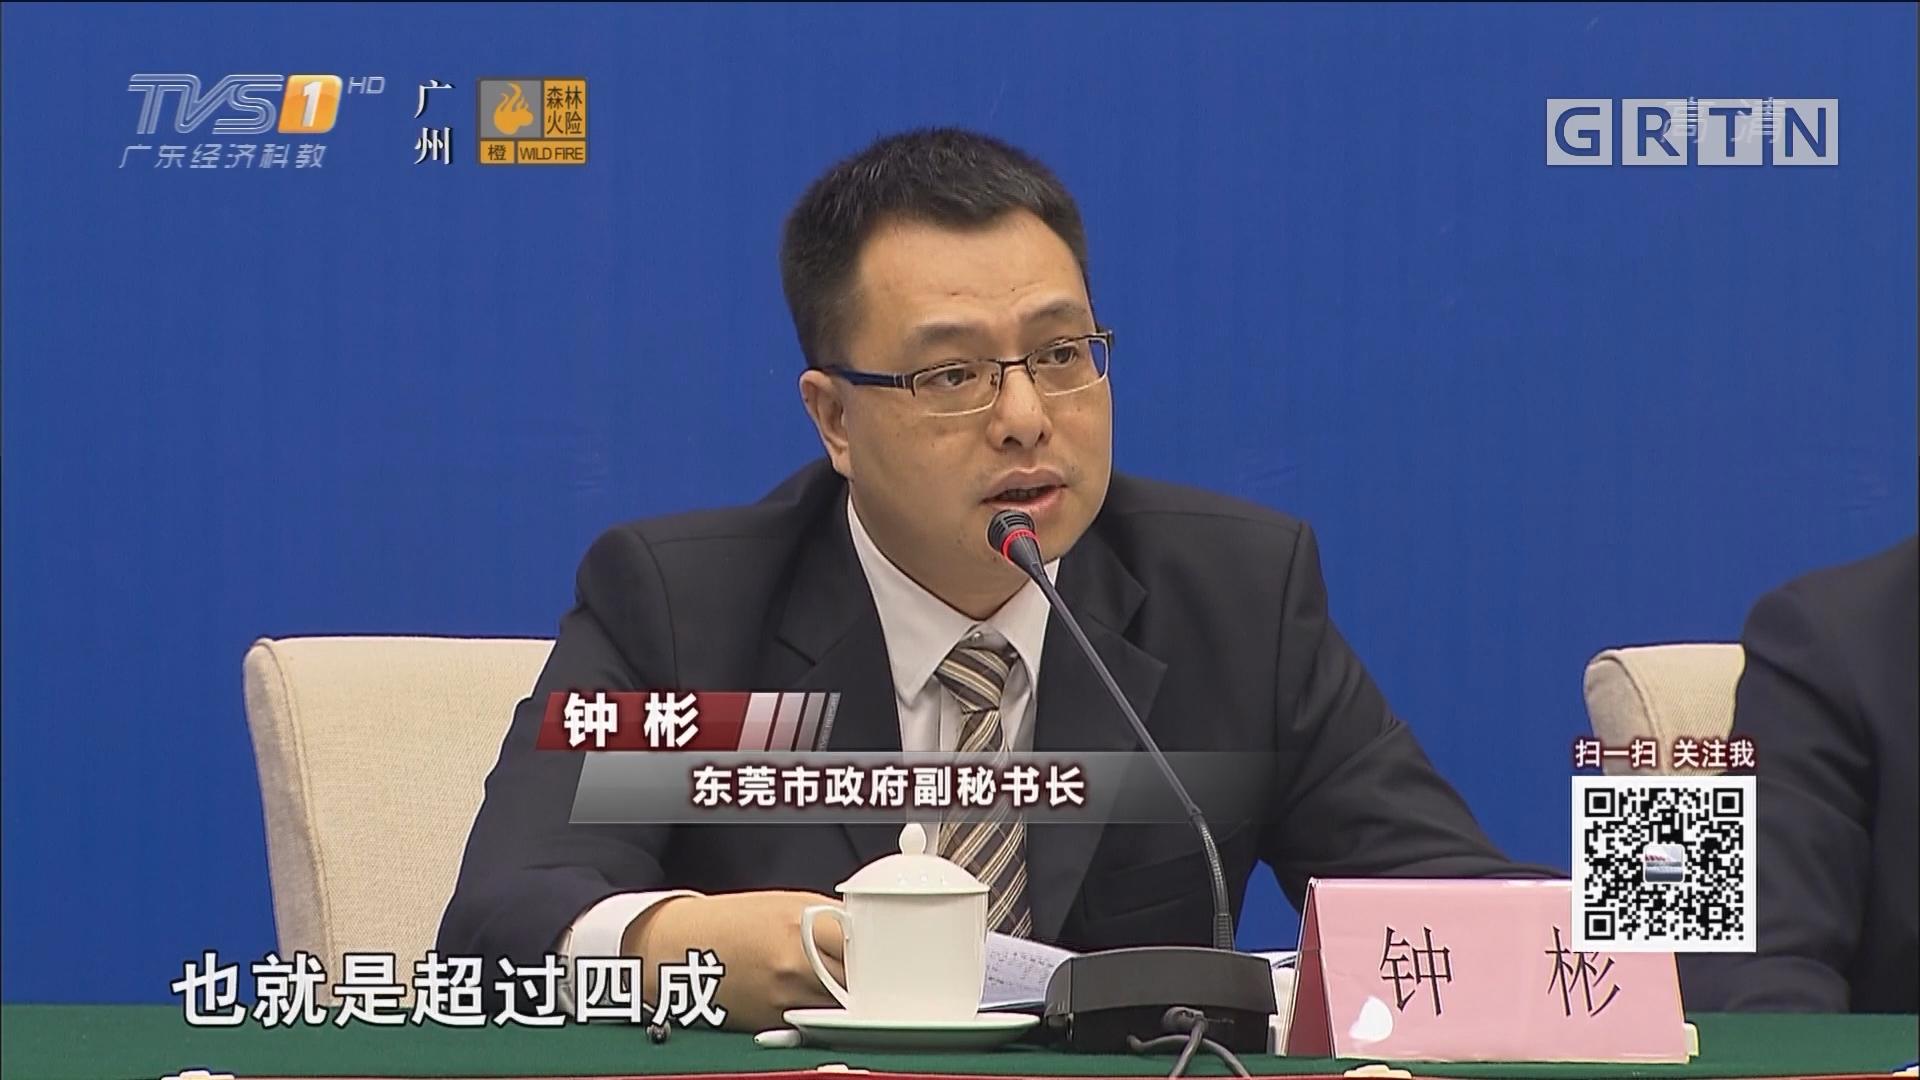 第十届加博会东莞举行 698家企业将参展